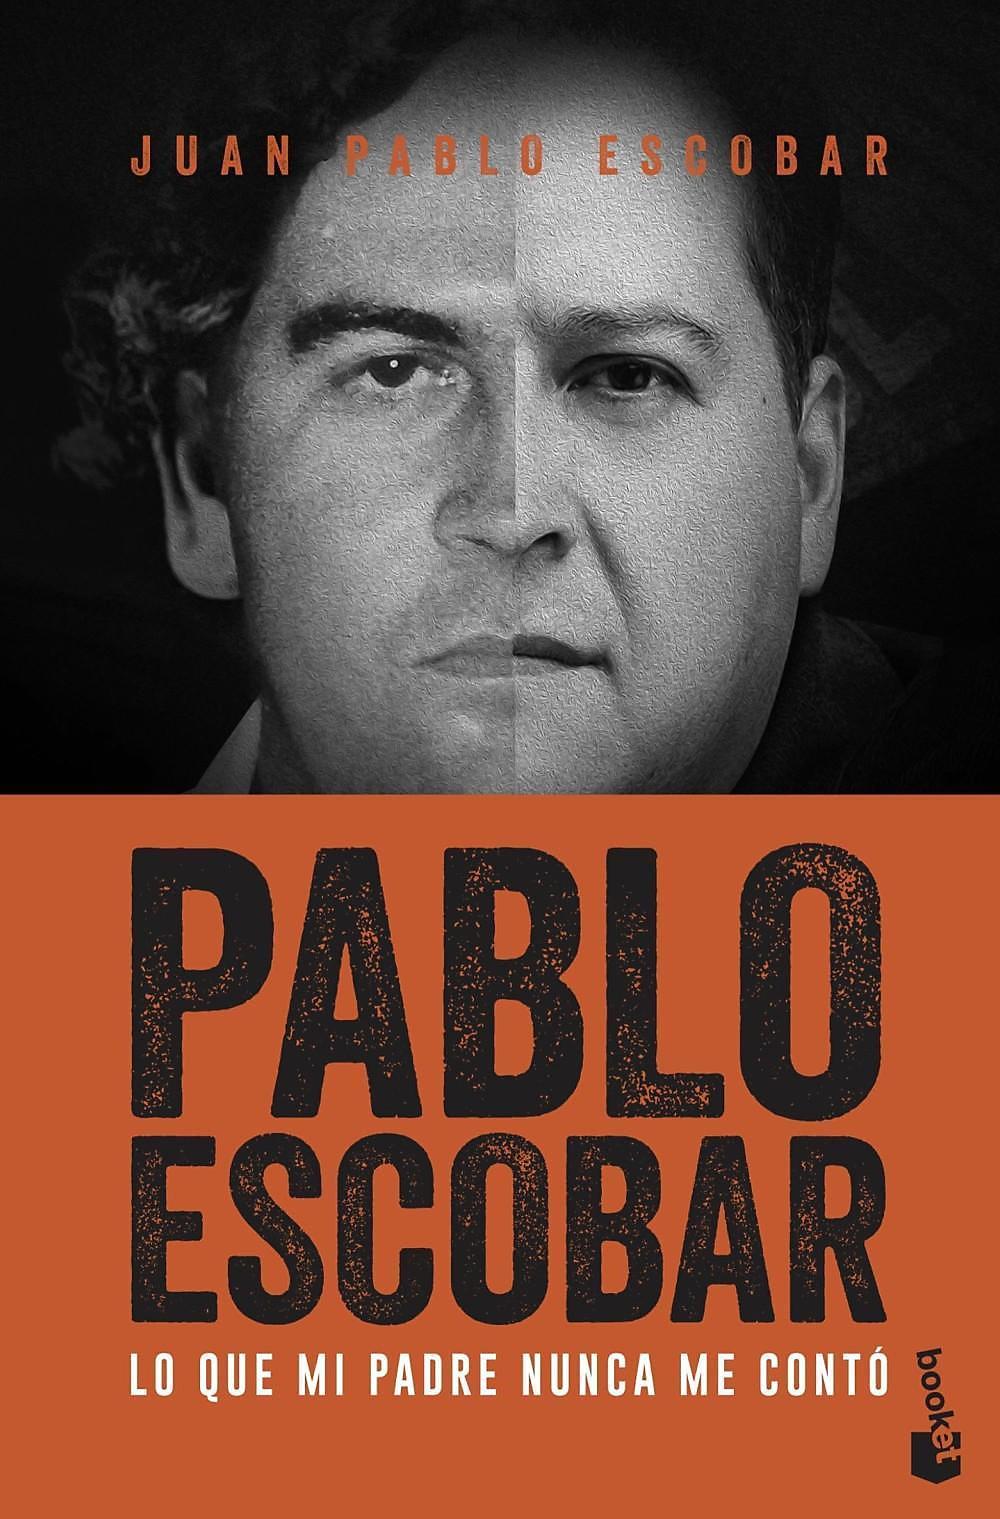 Pablo Escobar Buch Jetzt Bei Weltbildde Online Bestellen